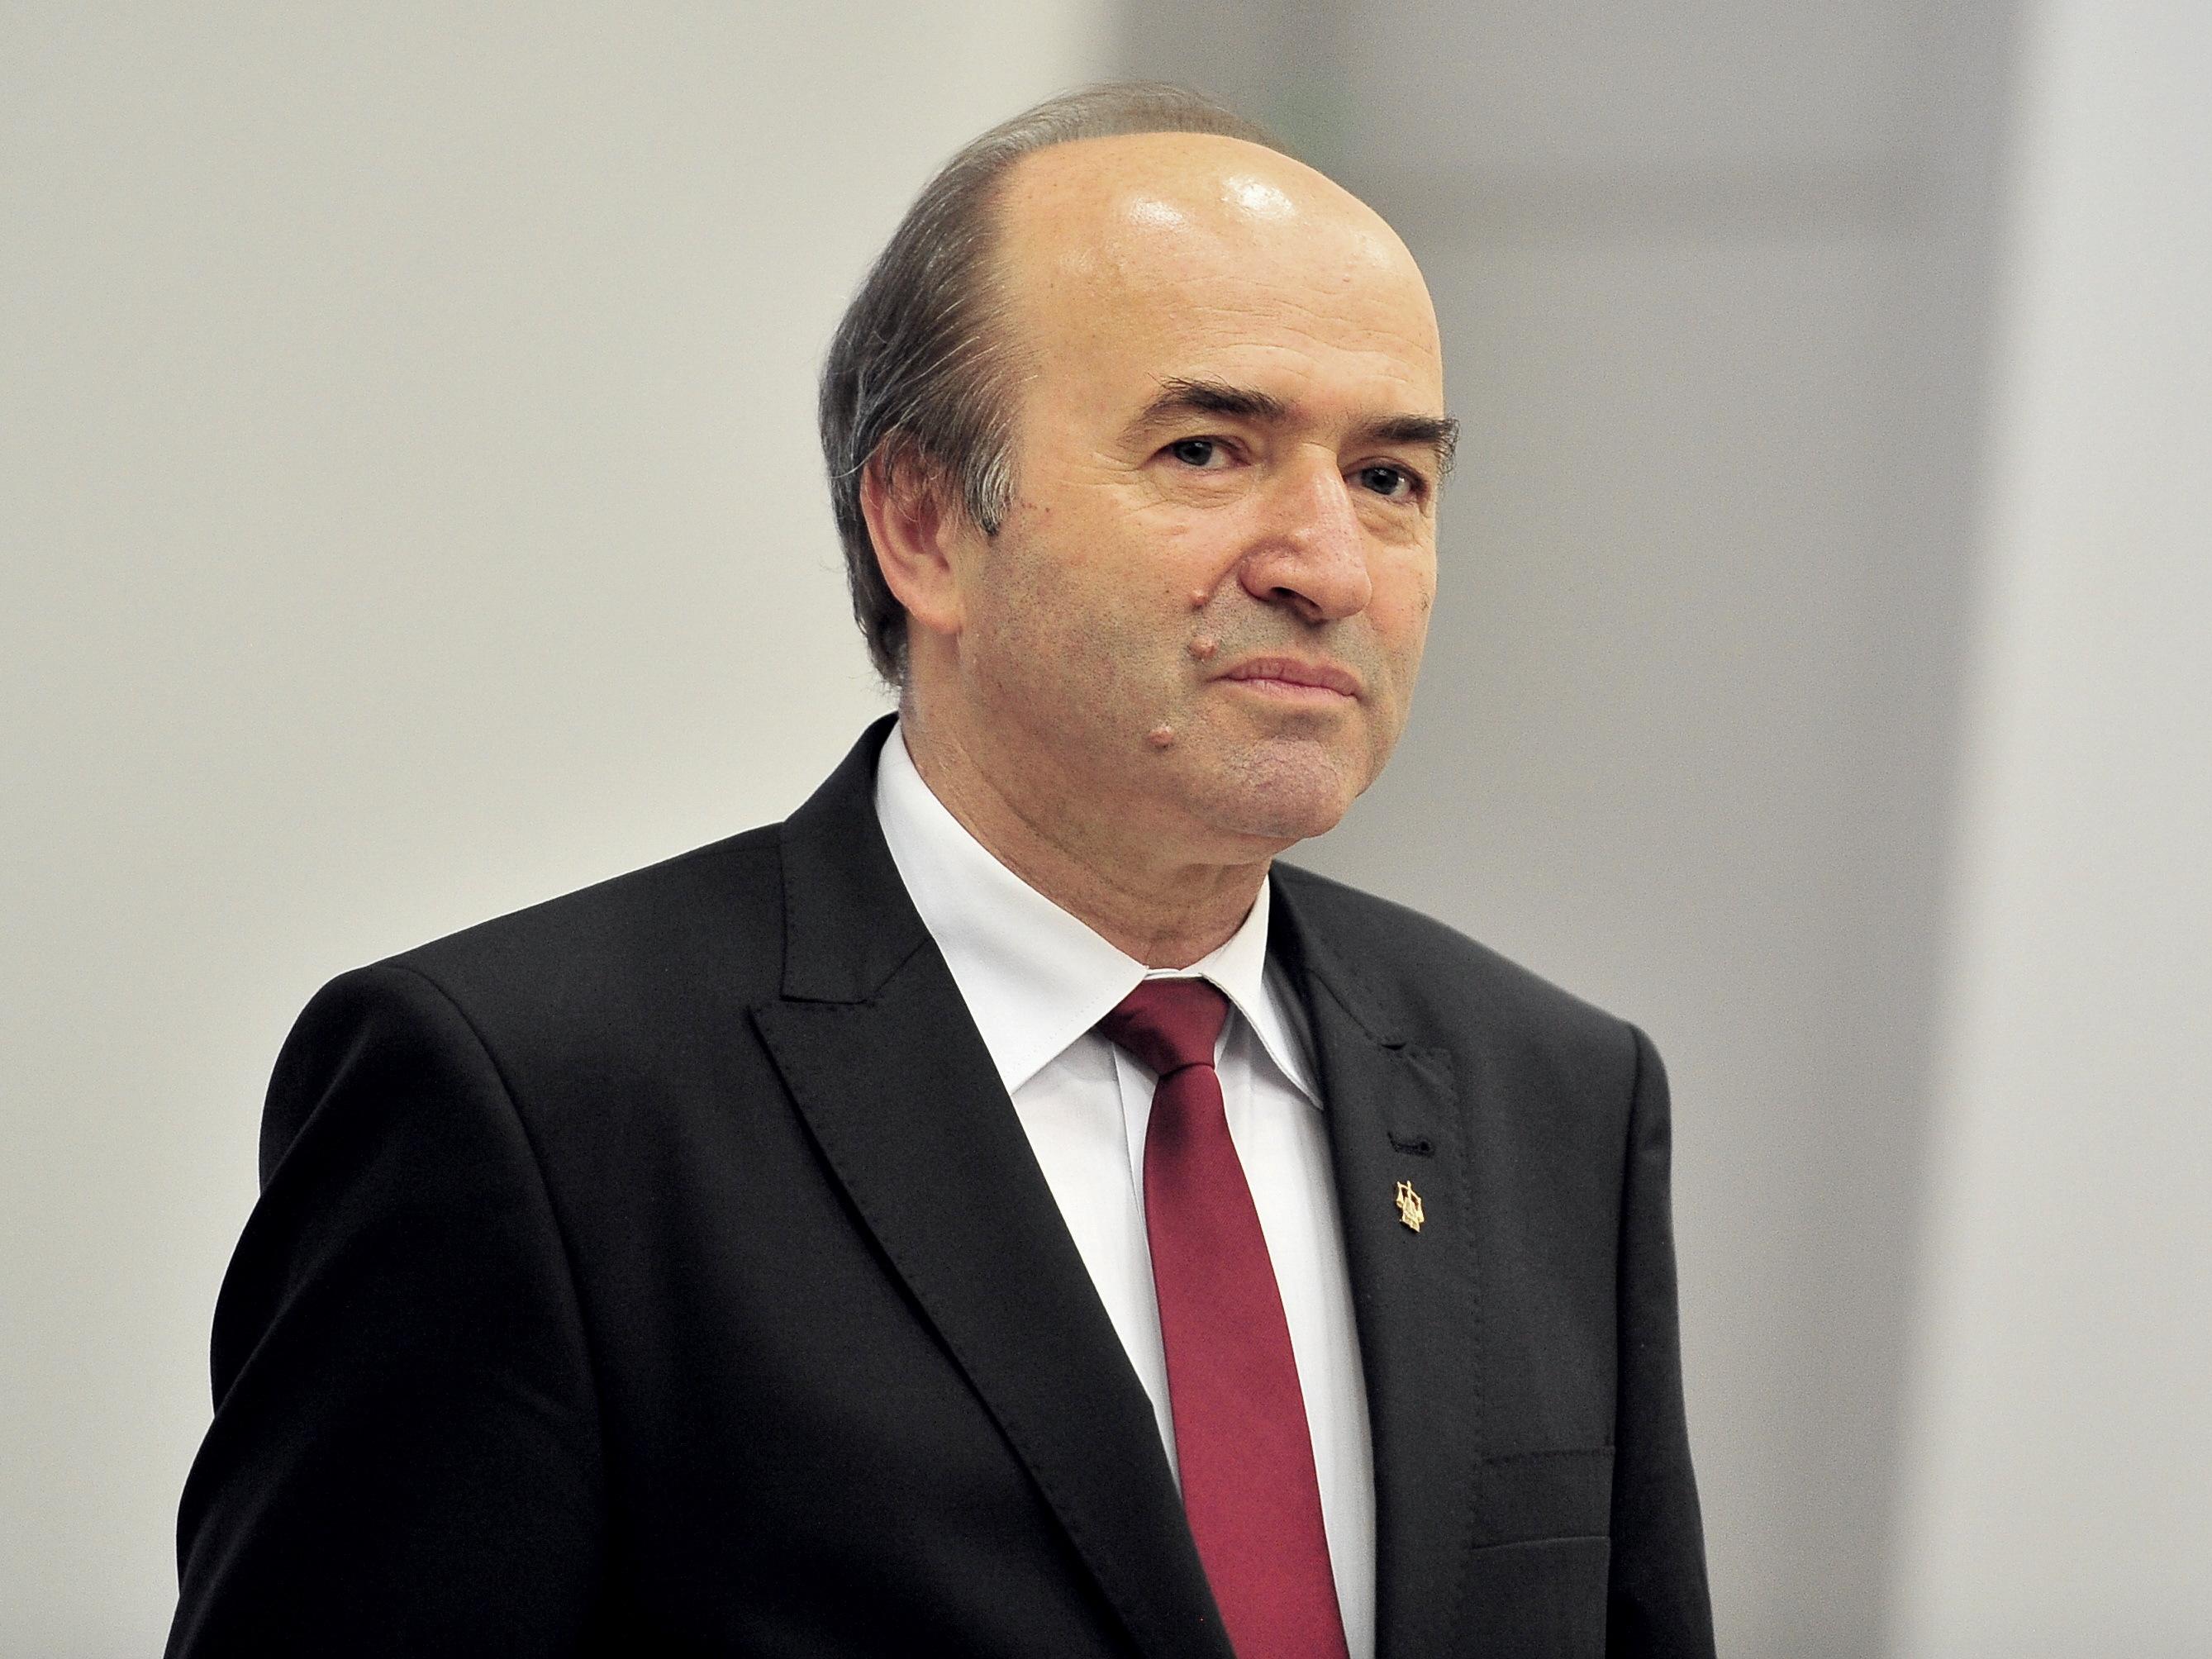 Ministrul Justiţiei: Anul acesta voi lua o decizie privind conducerea DNA/ Ce spune Tudorel Toader despre refuzul Codruţei Kovesi de a merge la comisie